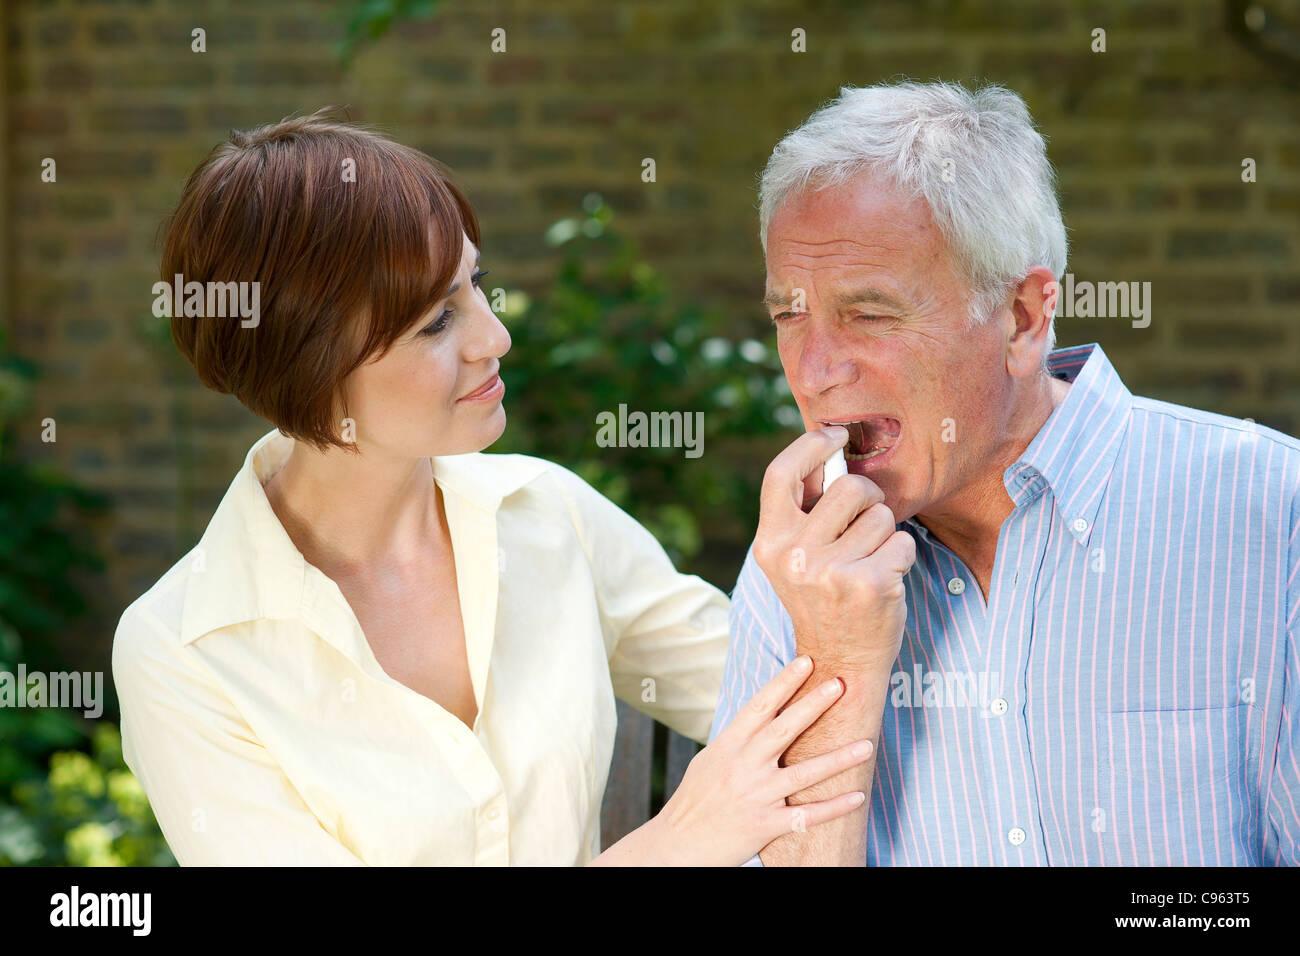 Man using angina spray. - Stock Image